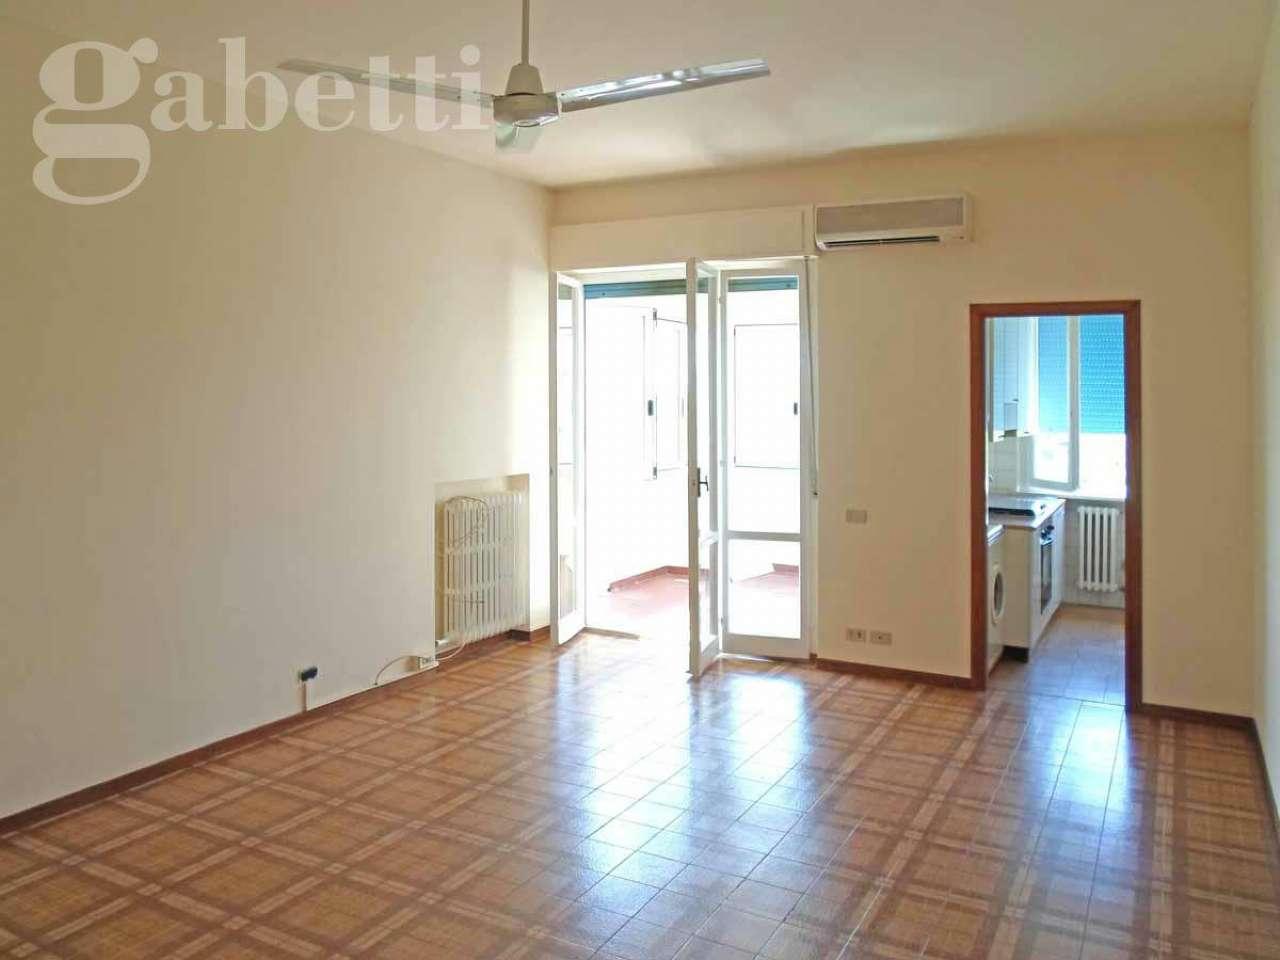 Appartamento in vendita a Montemarciano, 4 locali, prezzo € 55.000 | CambioCasa.it